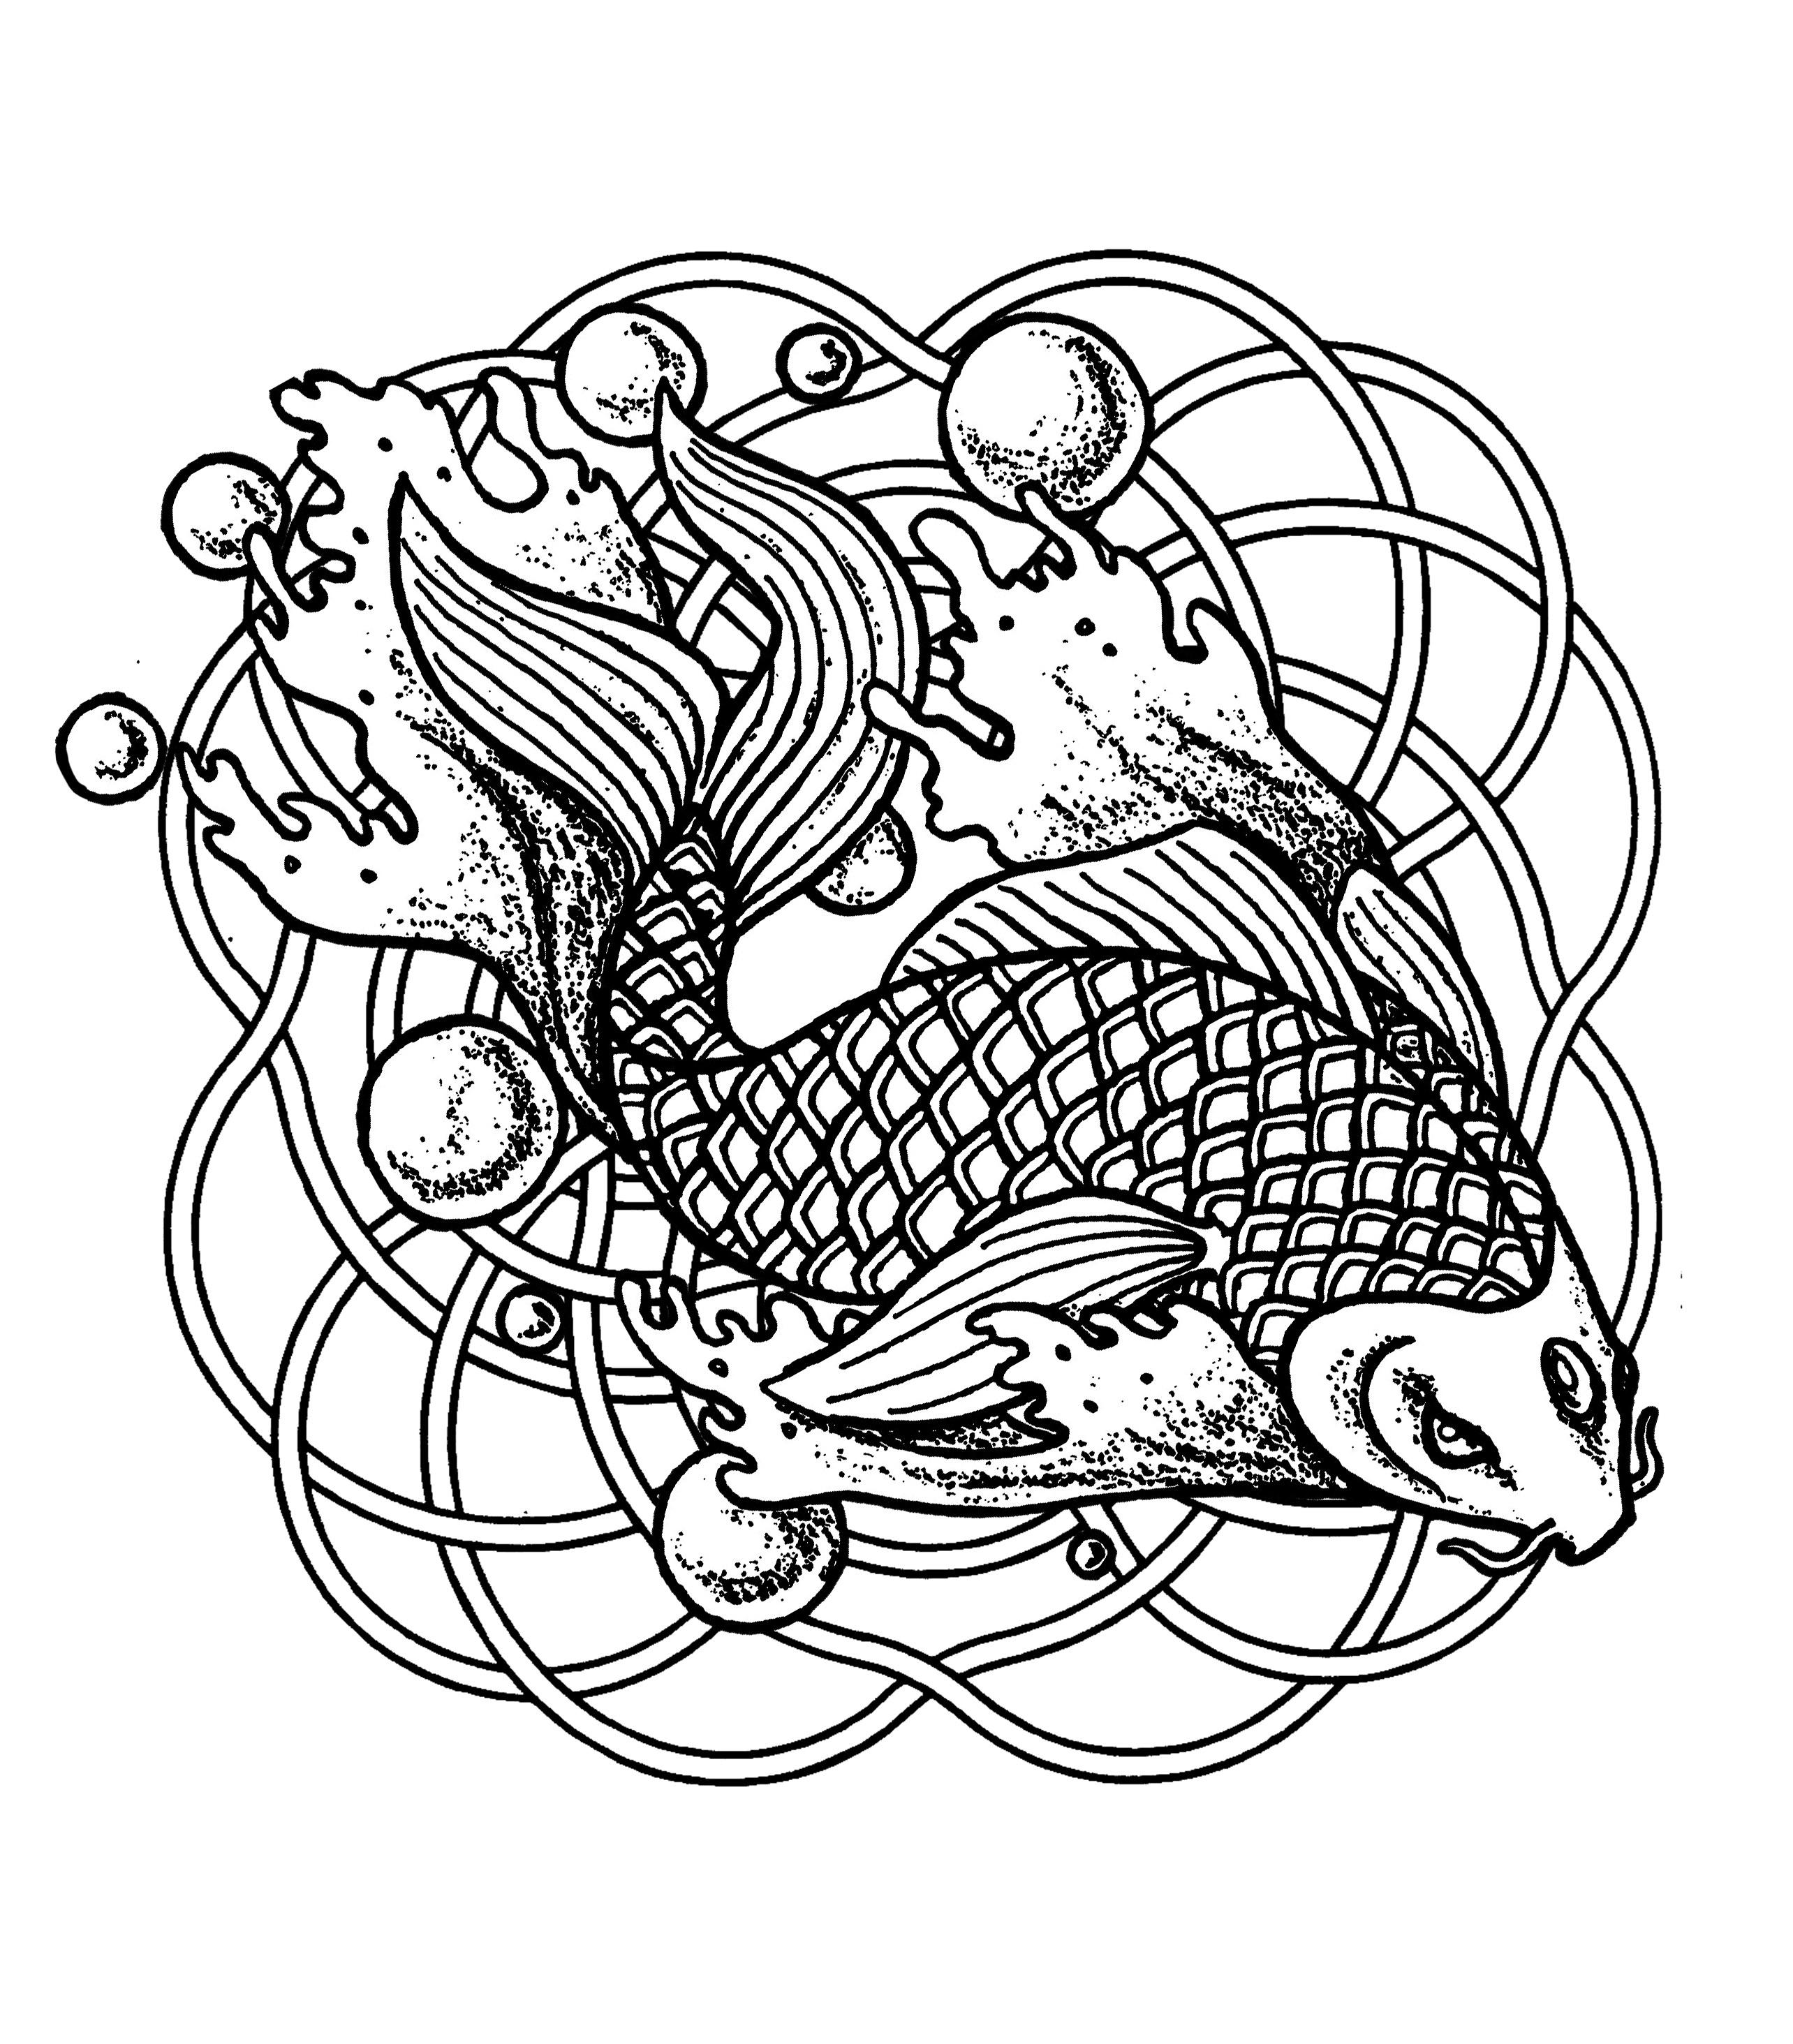 Mandala poissons et bulles   Mandalas - Coloriages difficiles pour ...